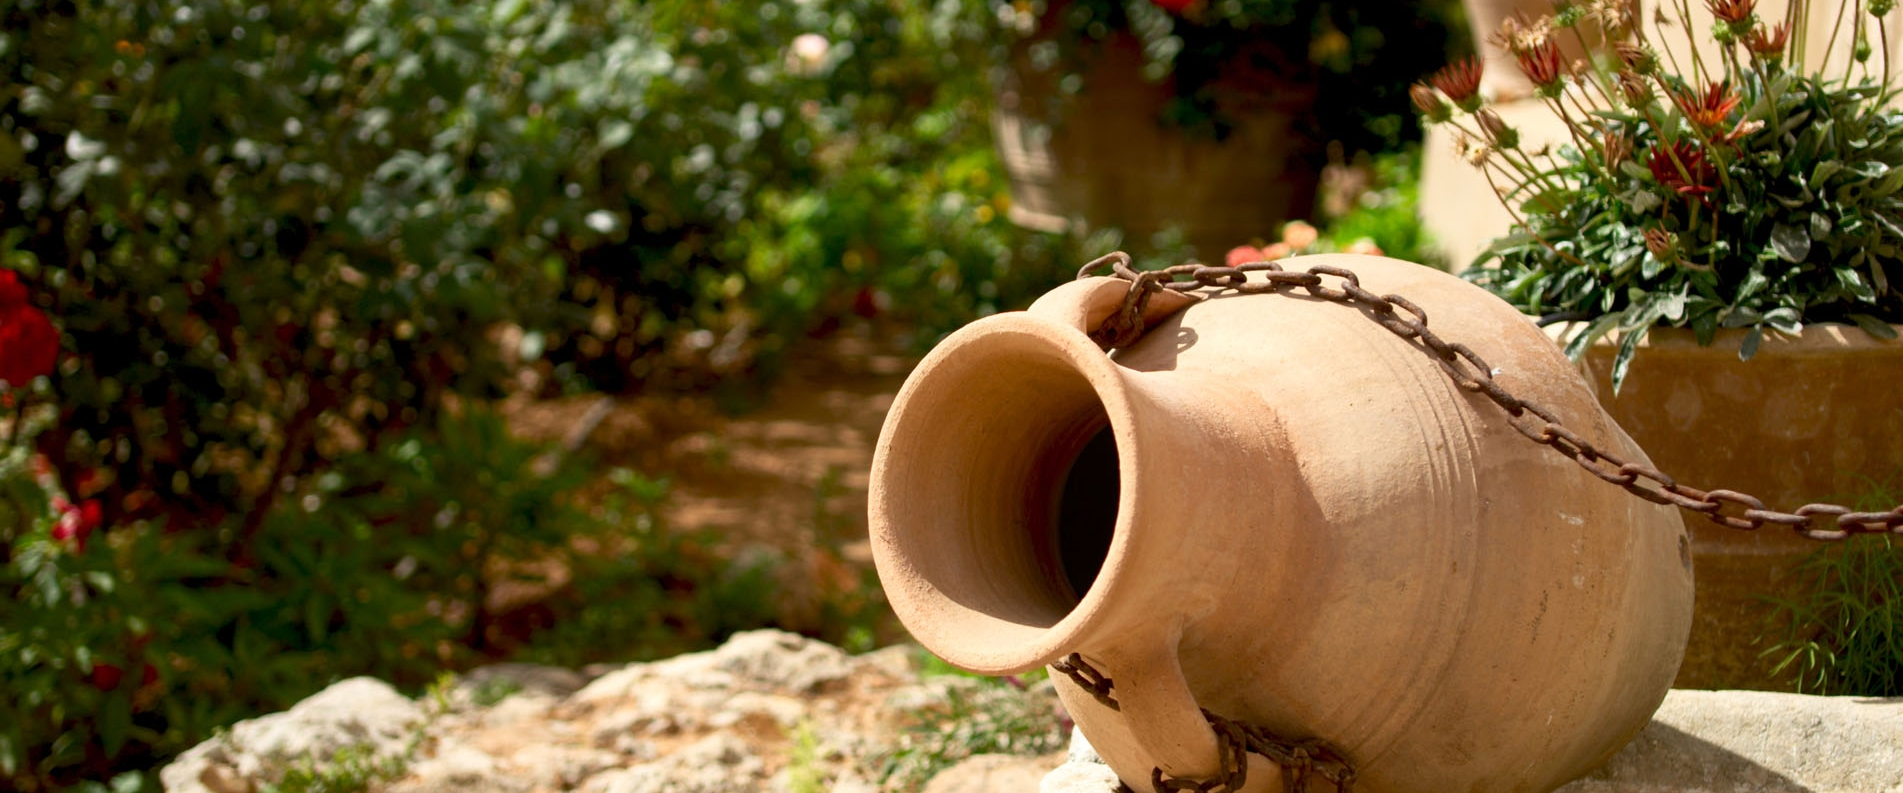 Музеи народного искусства и ремесел на Кипре